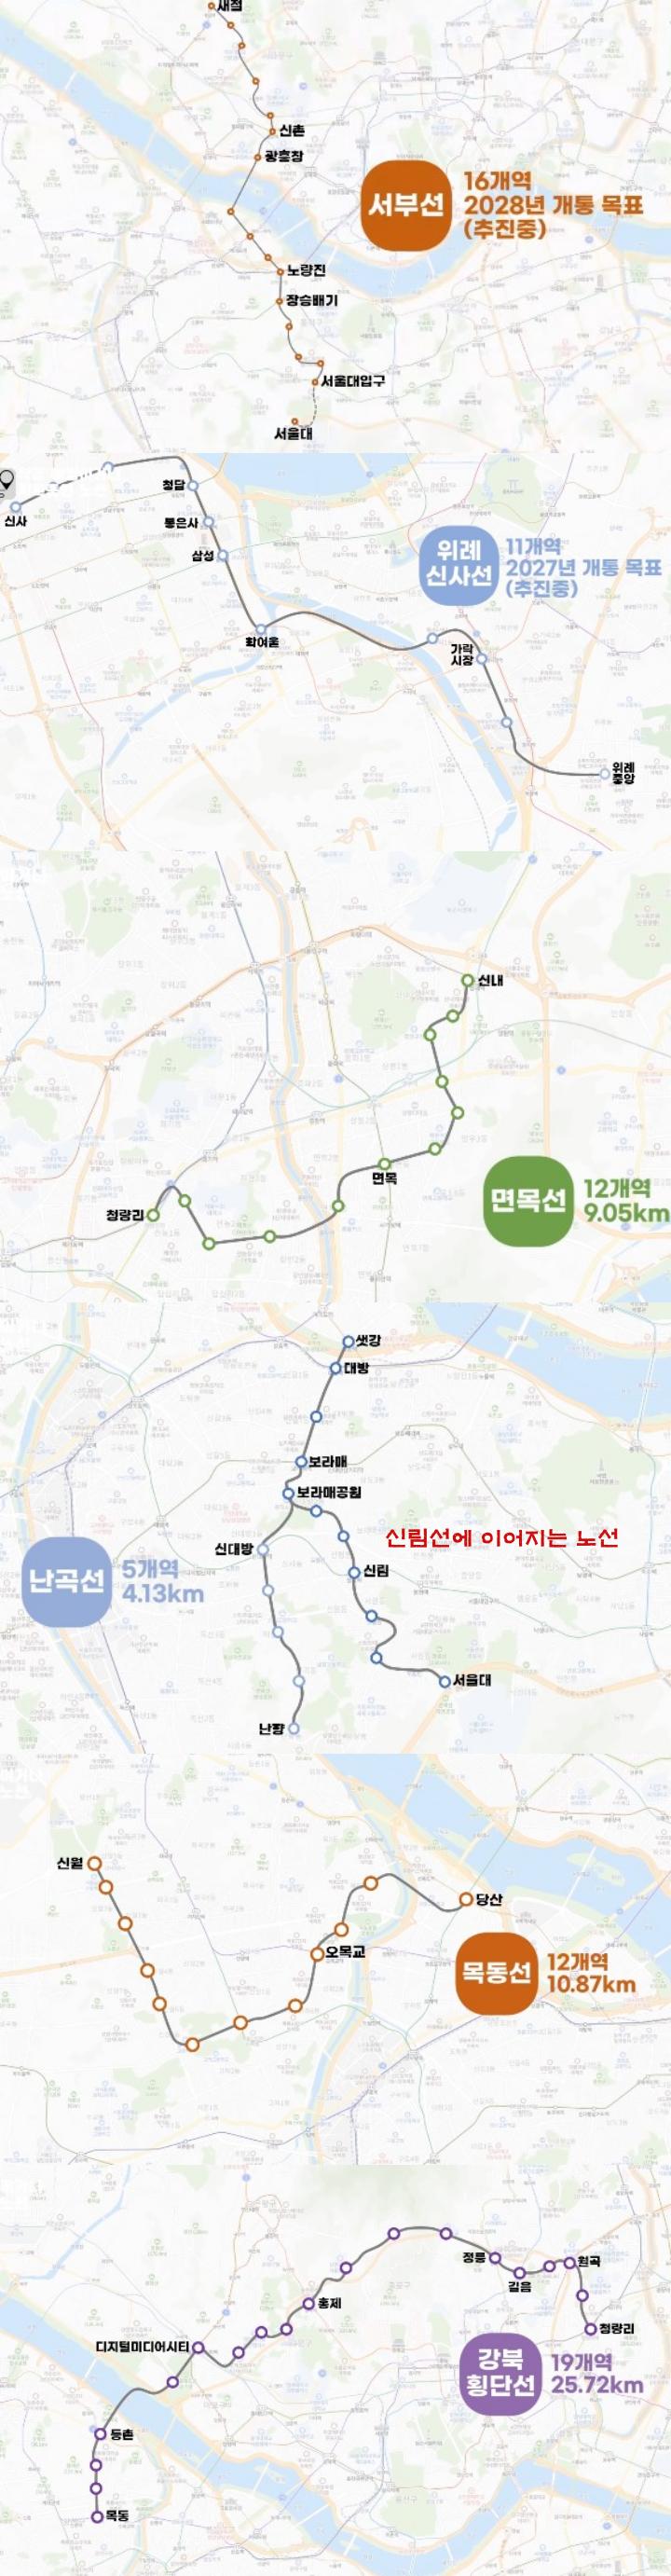 서울-경전철-노선도-예상